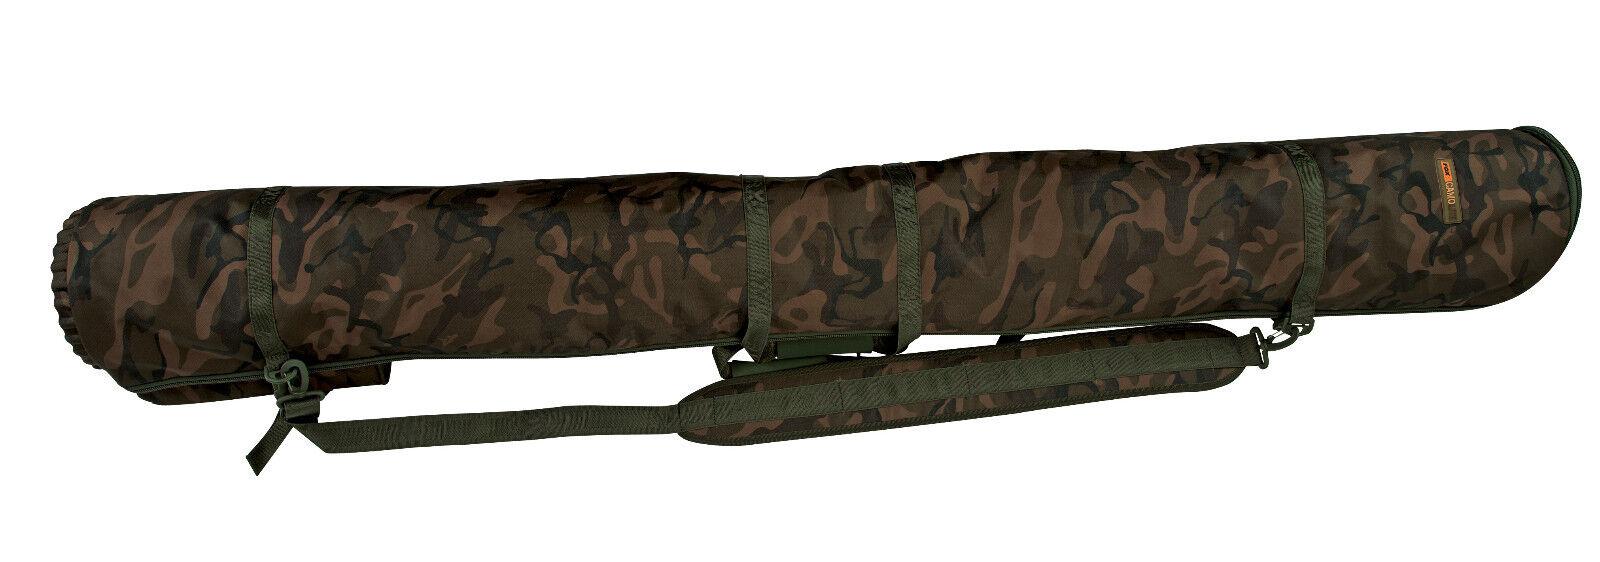 Fox camolite Brolly BAG clu289 Borsa per ombrello Borsa Ombrello Brolly Carryall